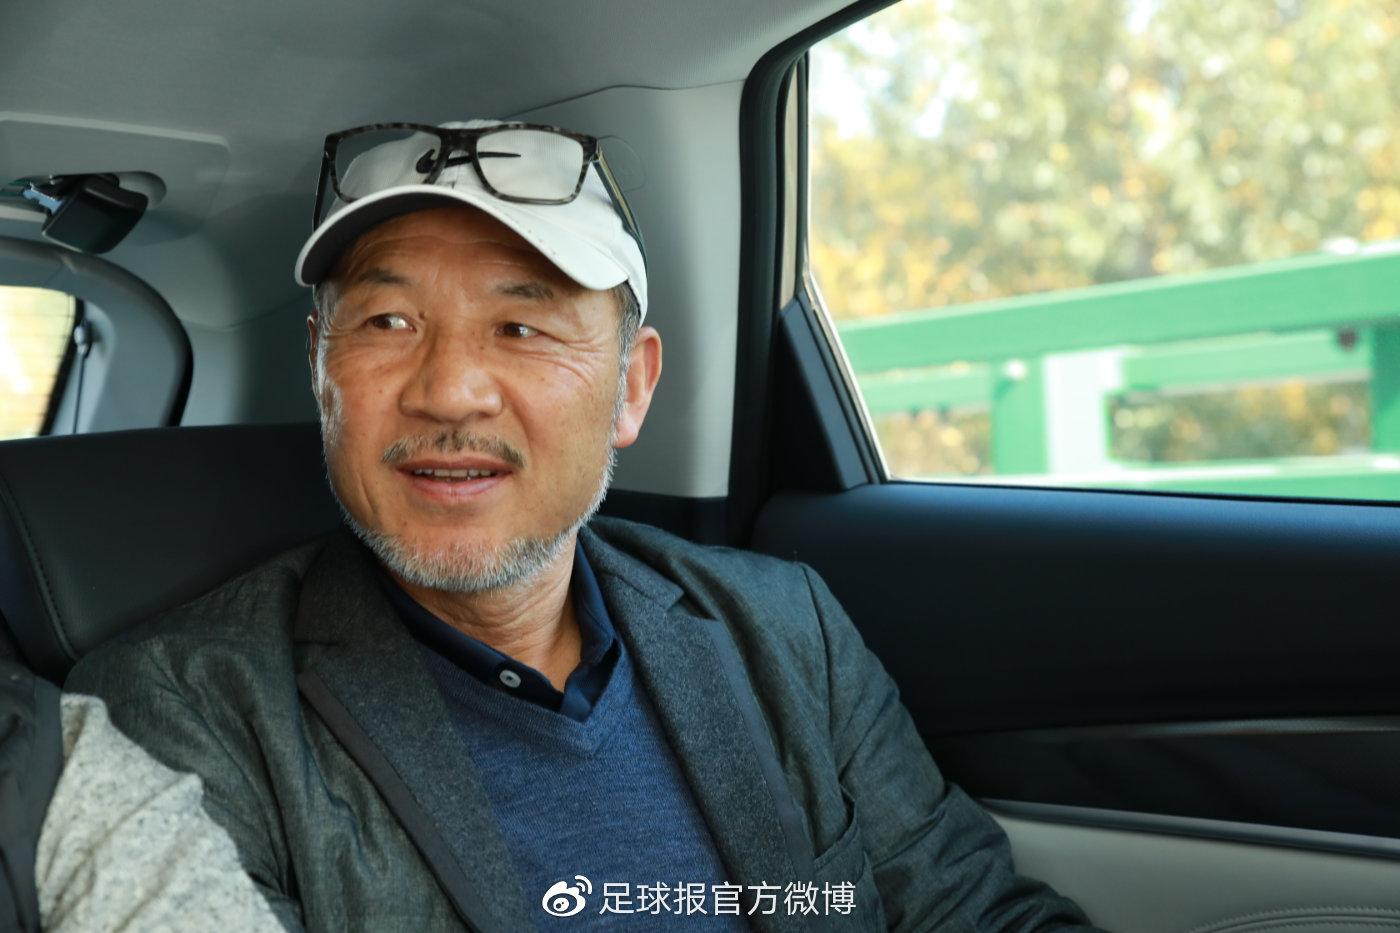 足球报:张外龙无限接近重庆,合同已进入最后商议